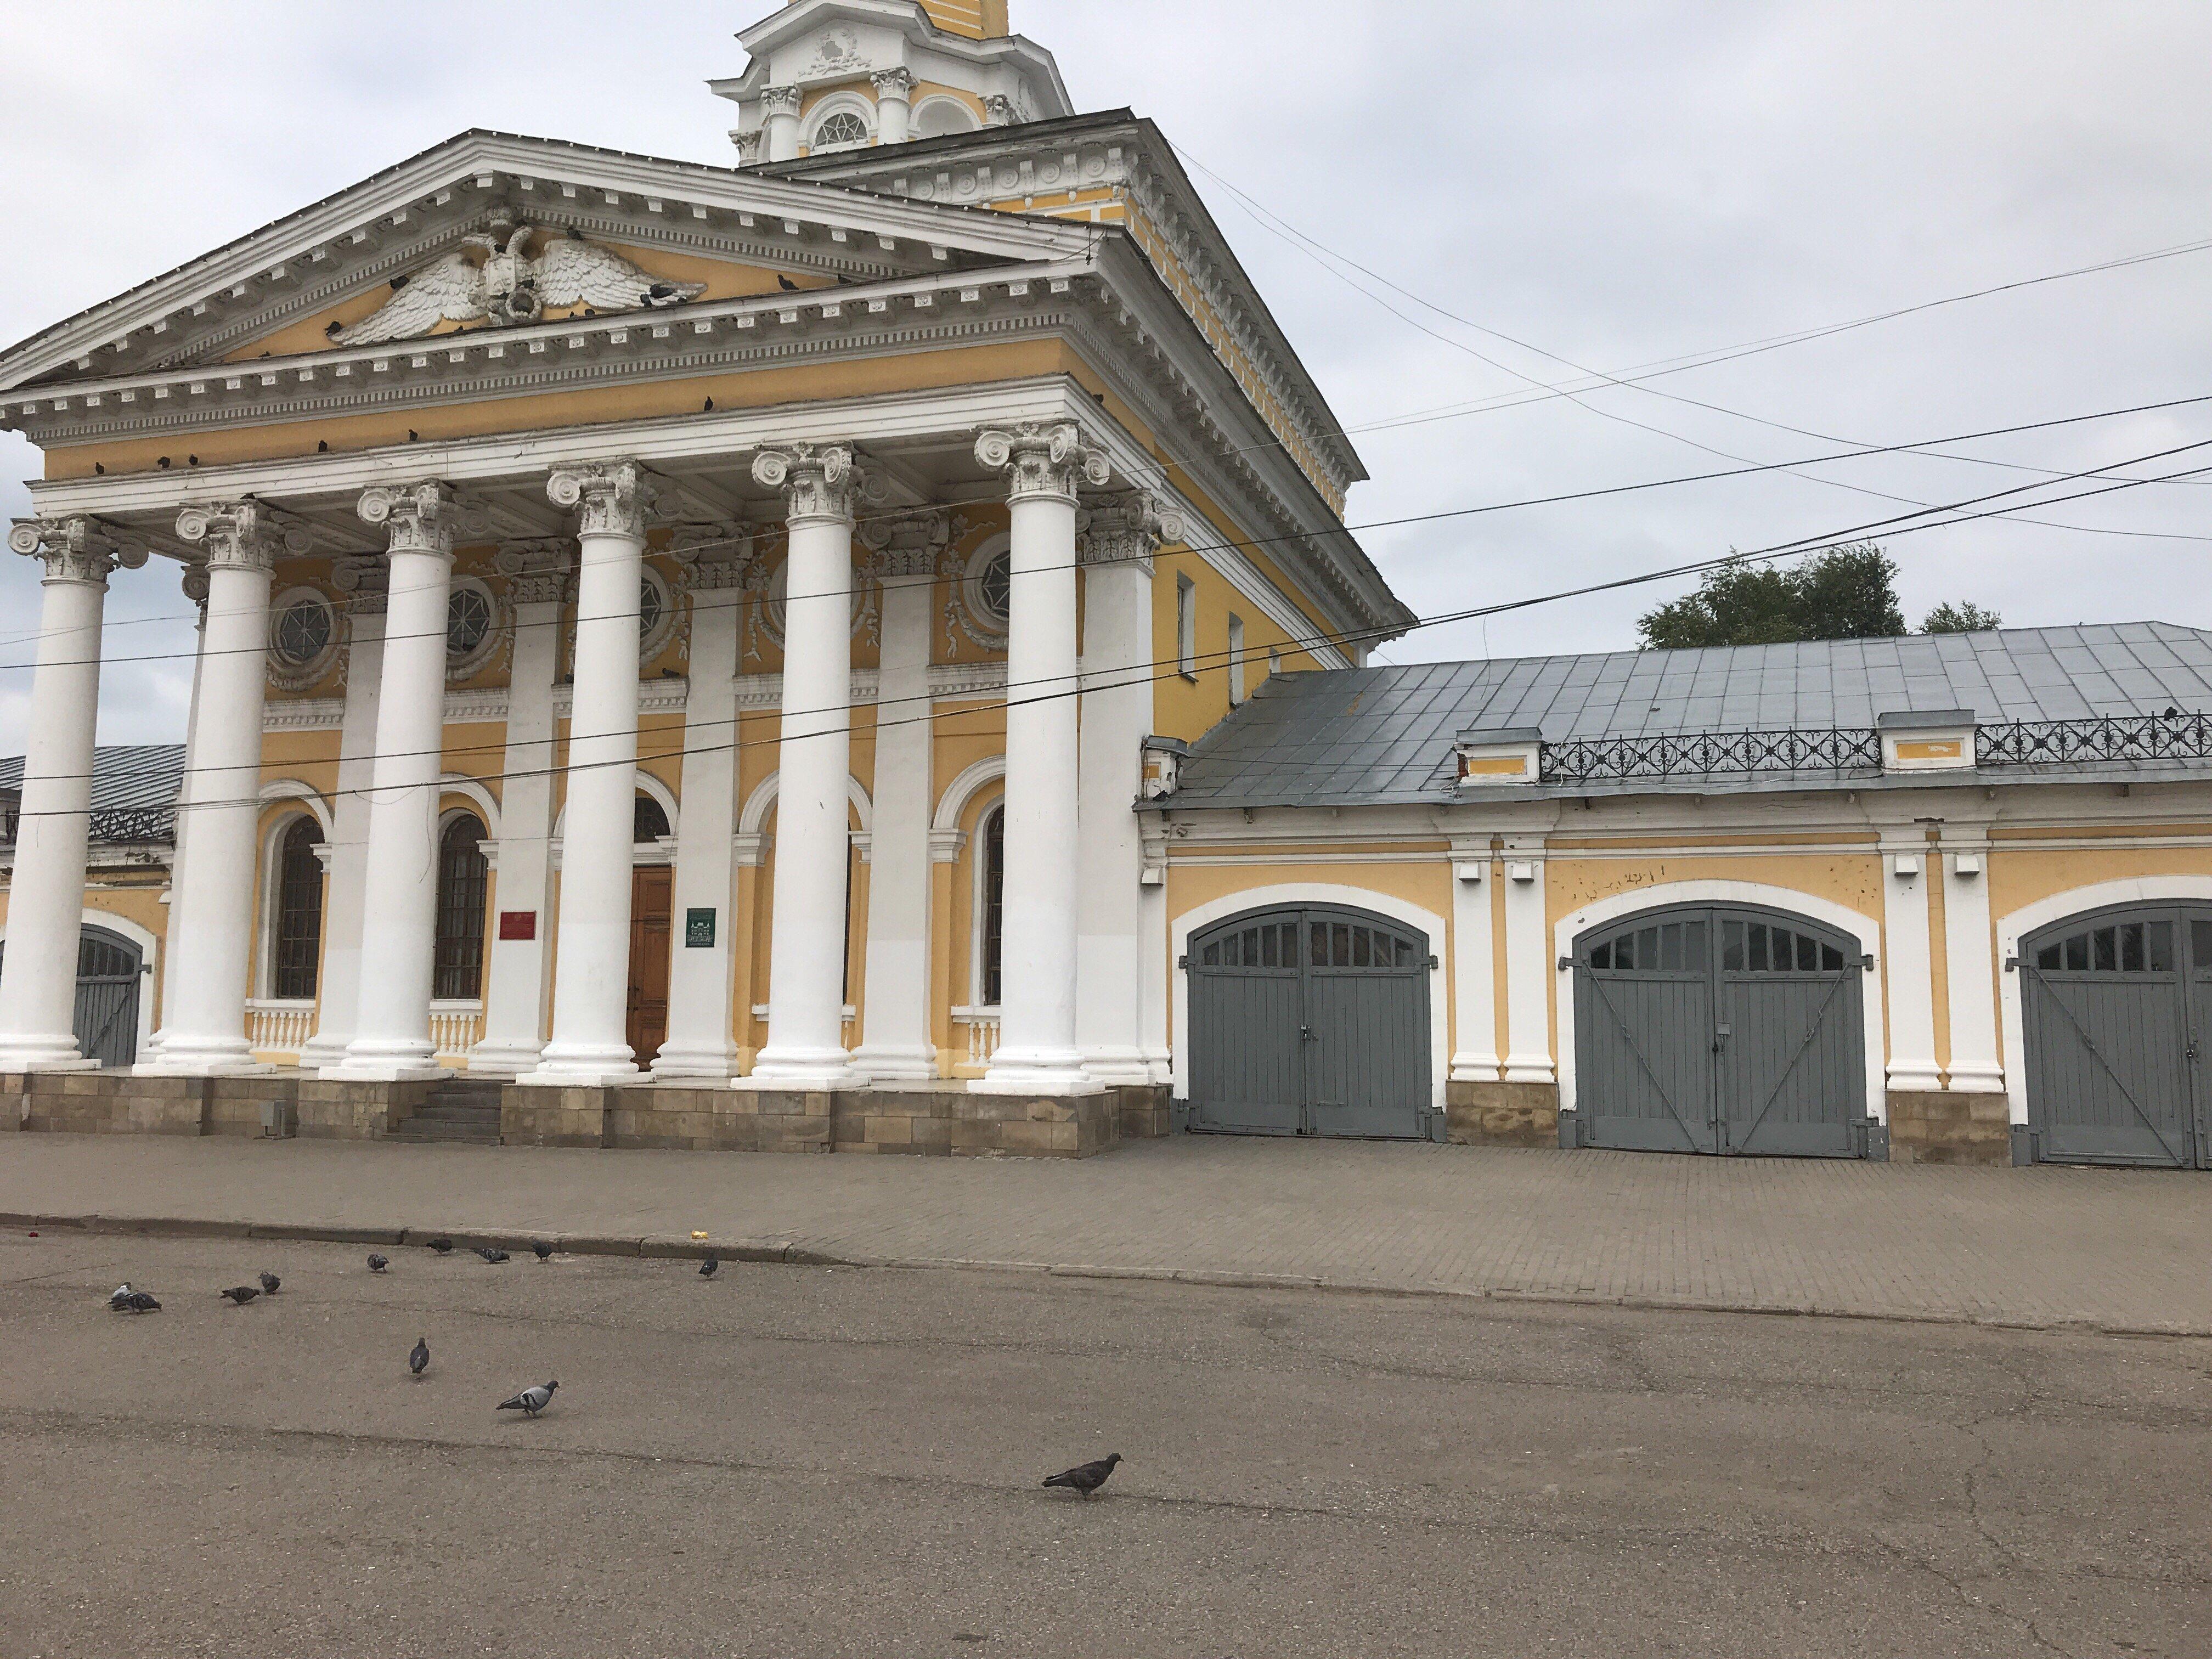 Куда сходить в Костроме? Достопримечательности города, фото и описание